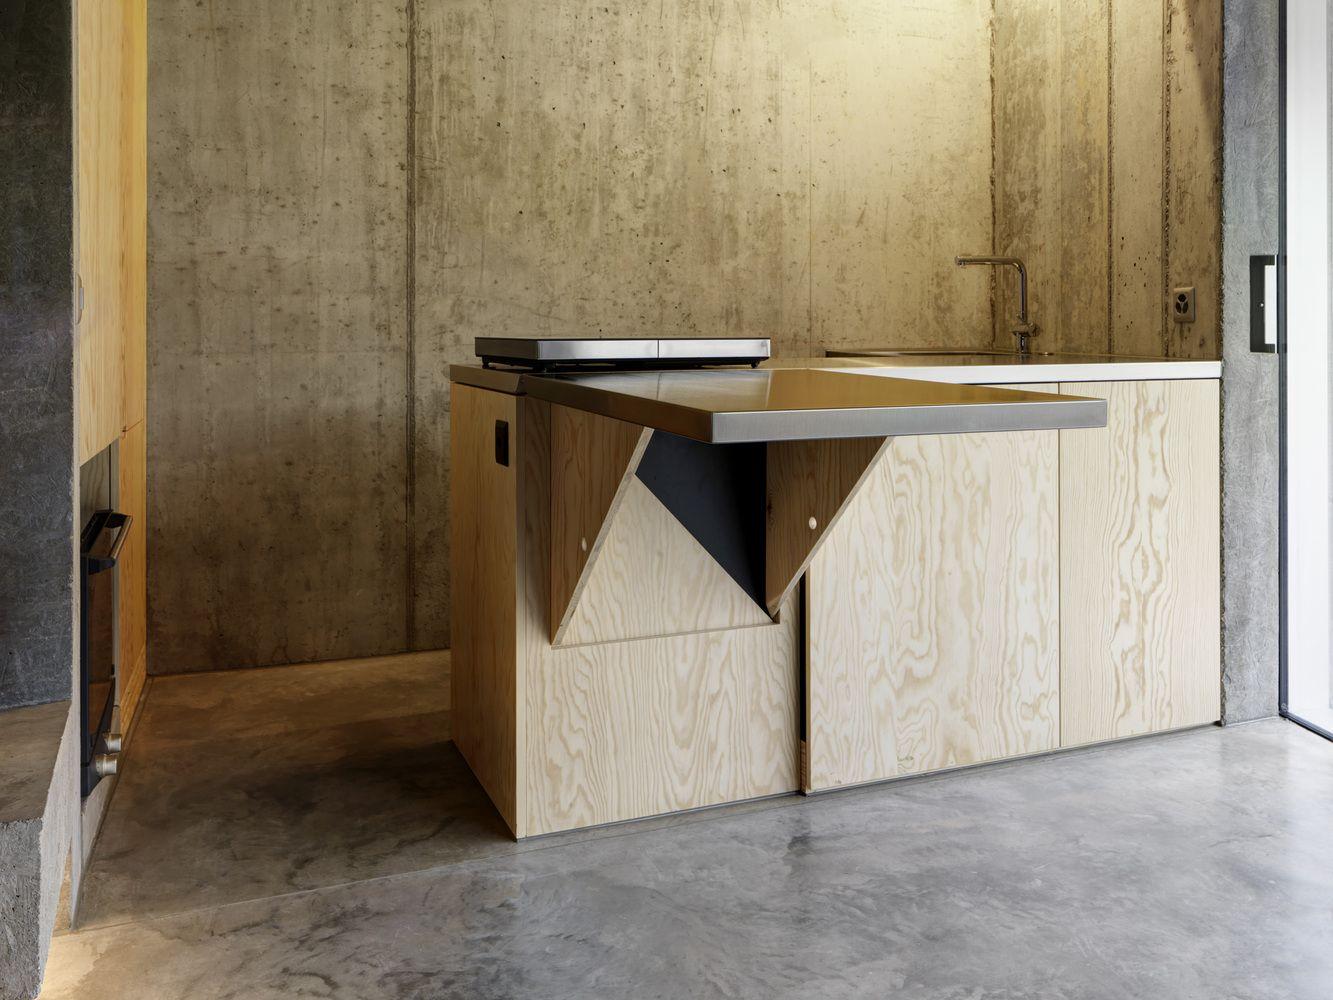 Gallery Of Affordable Housing In Zurich Gus Wustemann 21 Moderne Kuche Mietshaus Kuche